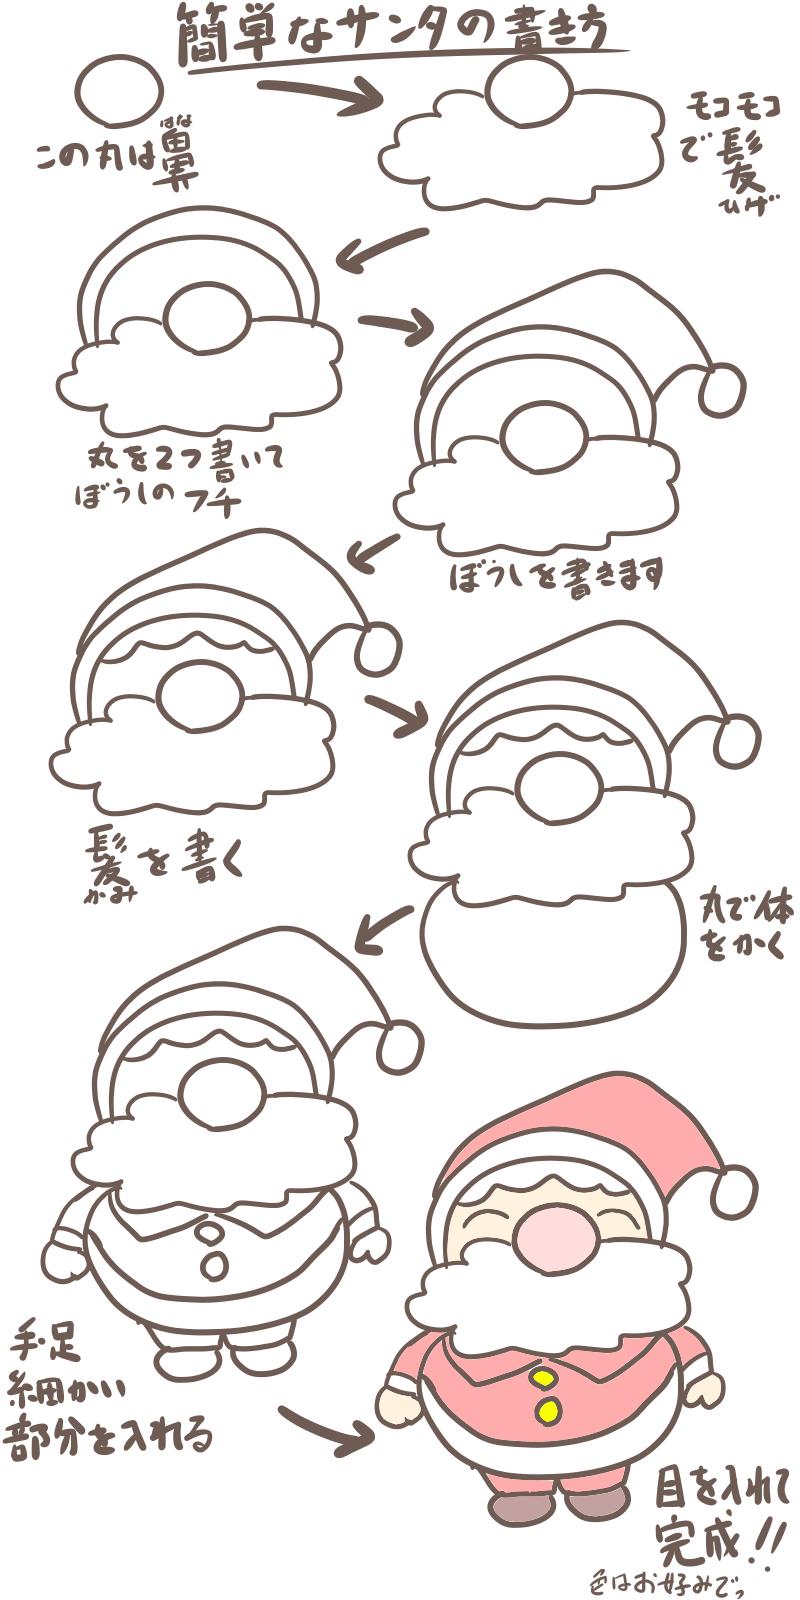 サンタクロースの描き方 | my illustration | pinterest